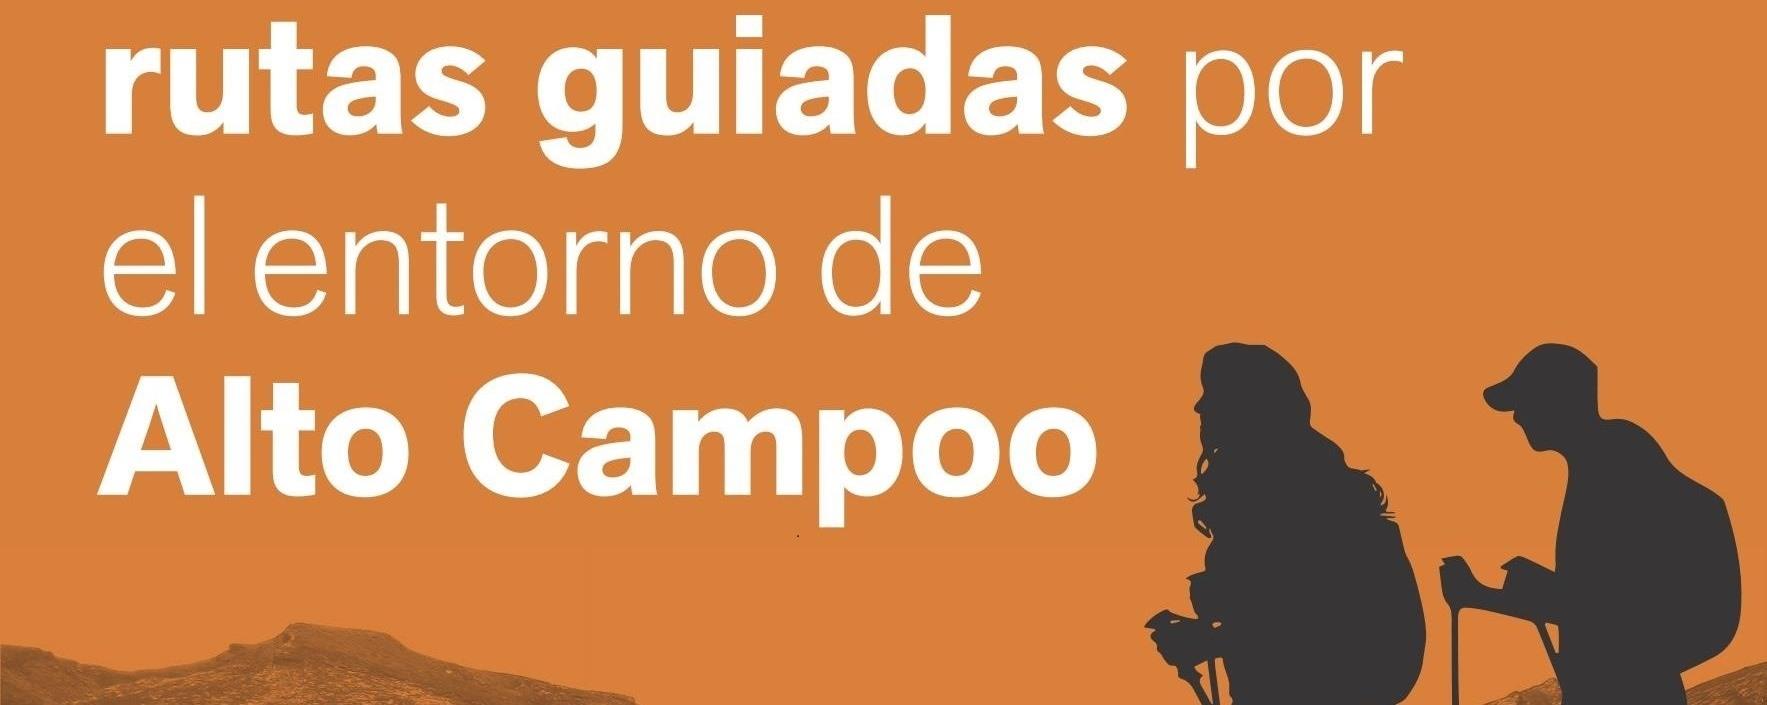 programa rutas guiadas gratuitas por Alto Campoo 2017 cabecera